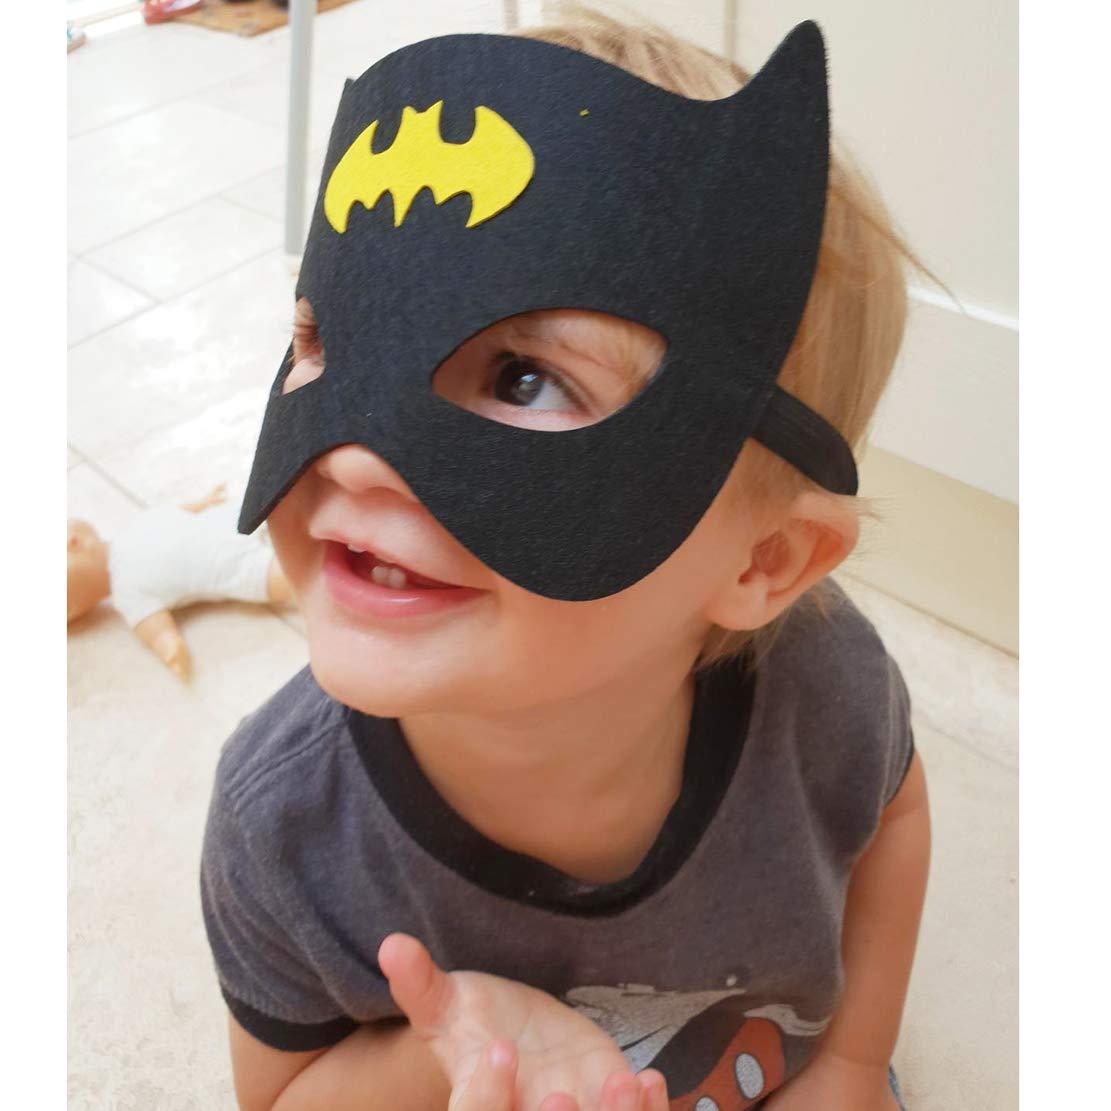 Formwin - Máscaras de Batman para niños, para Fiestas, superhéroes, Fiestas, superhéroes, máscaras de Fiesta para niños: Amazon.es: Productos para mascotas